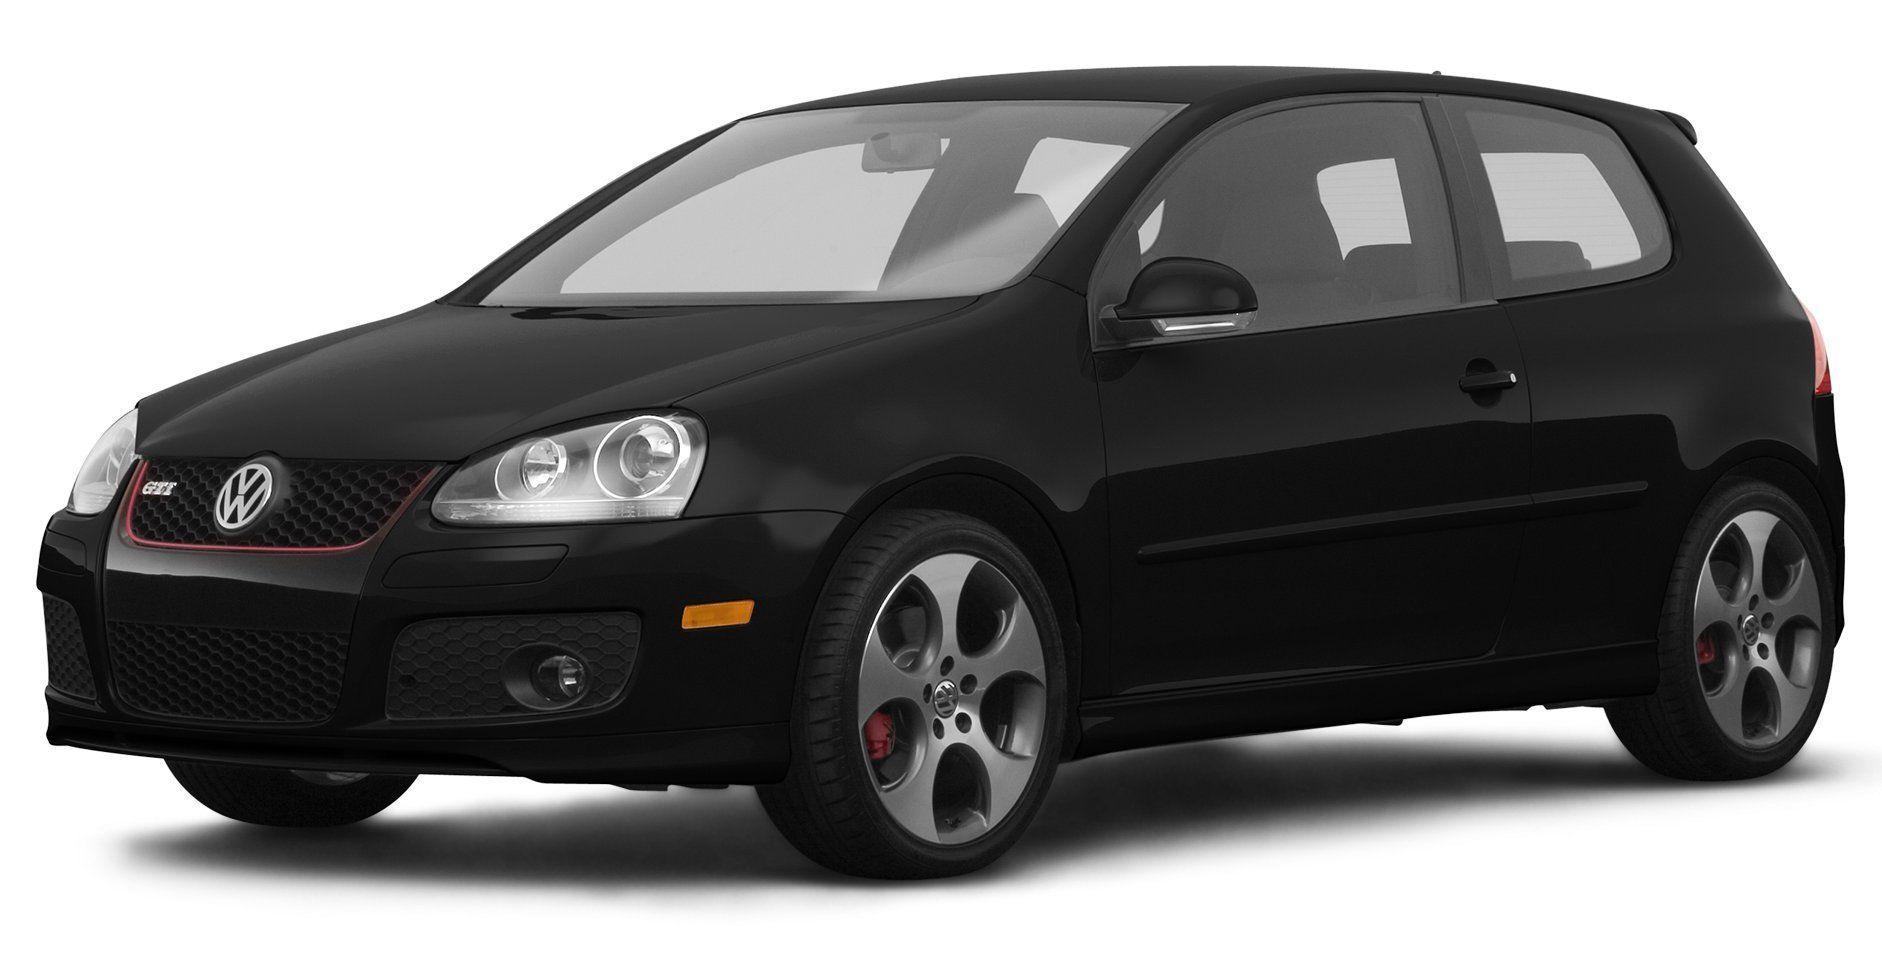 2008 Volkswagen Gti 2 Door Hatchback Dsg Nissan Altima Nissan Altima